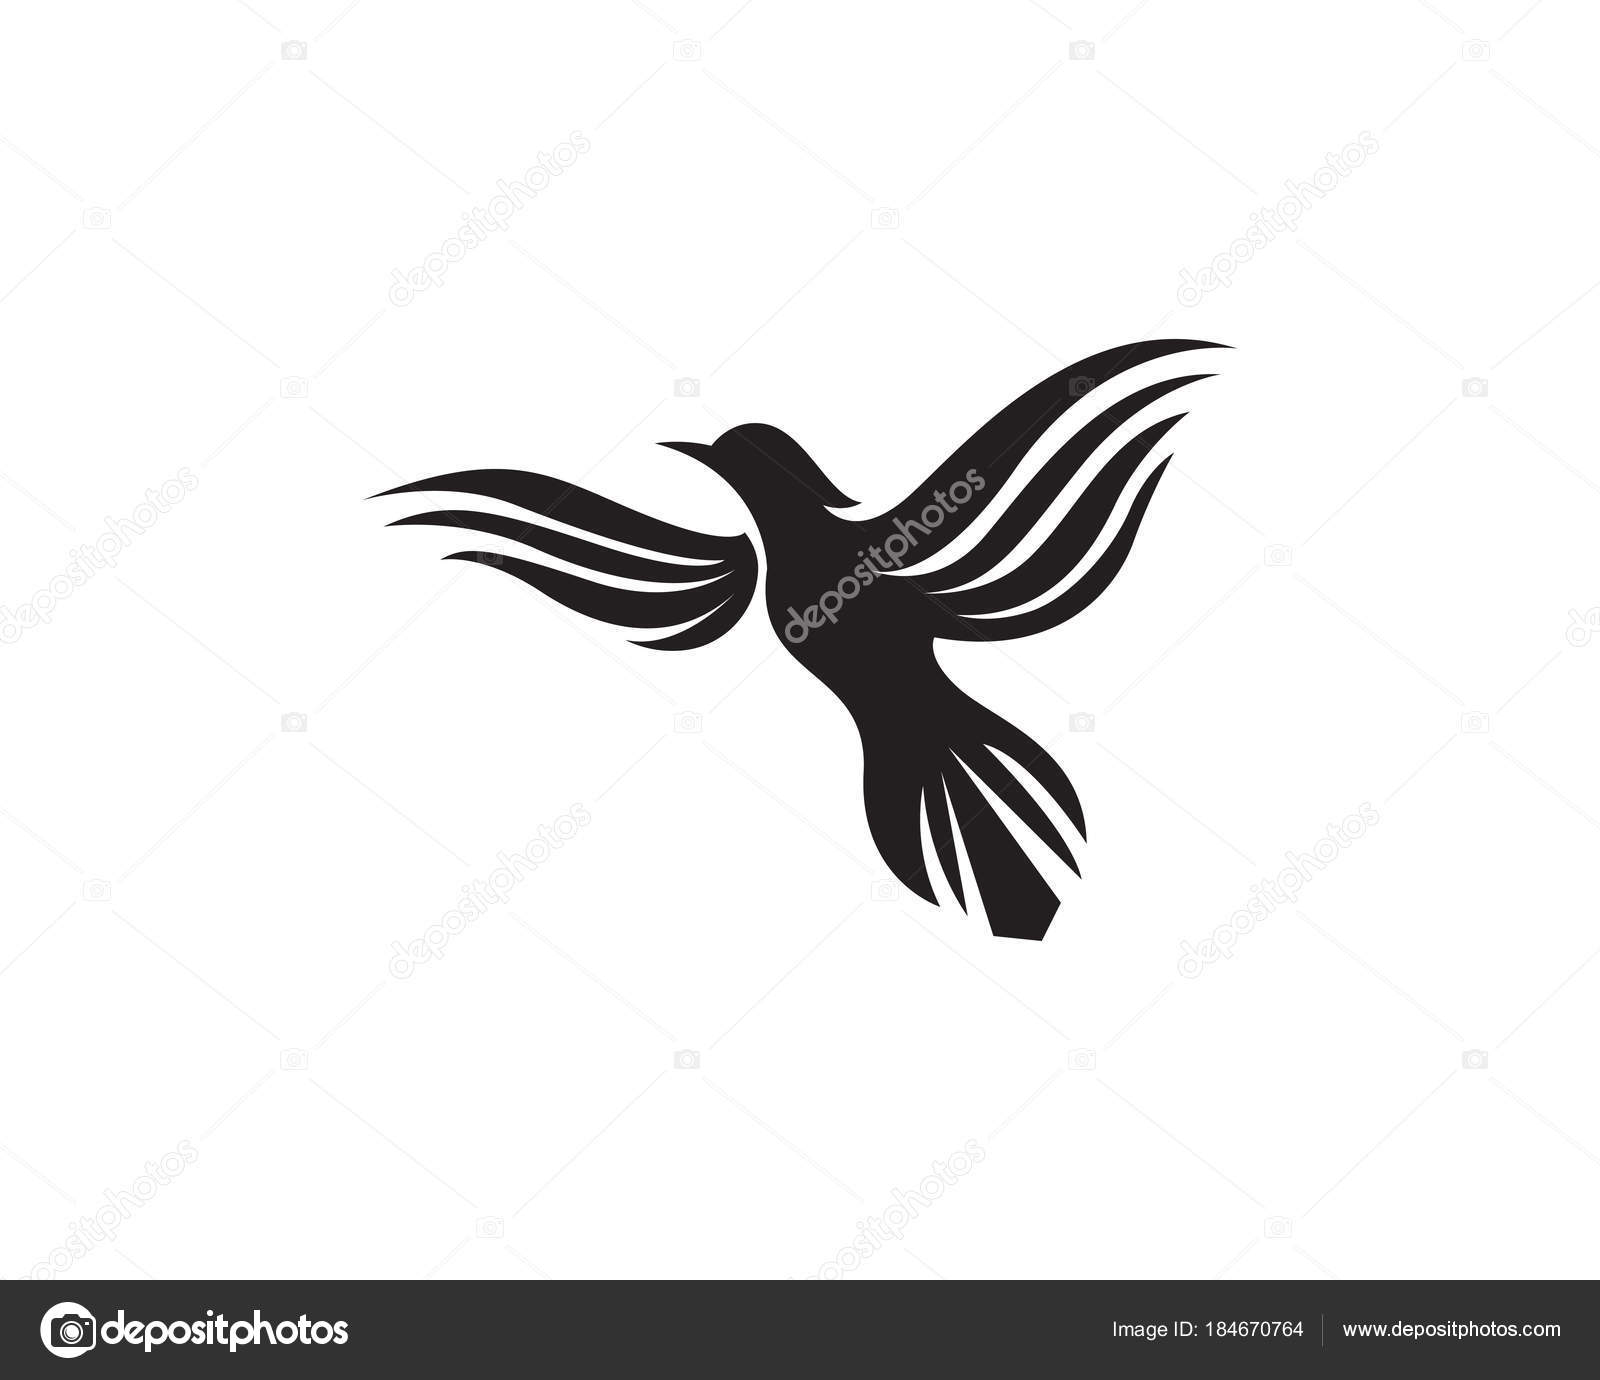 Wunderbar Vogel Kite Vorlage Bilder - Beispiel Business Lebenslauf ...